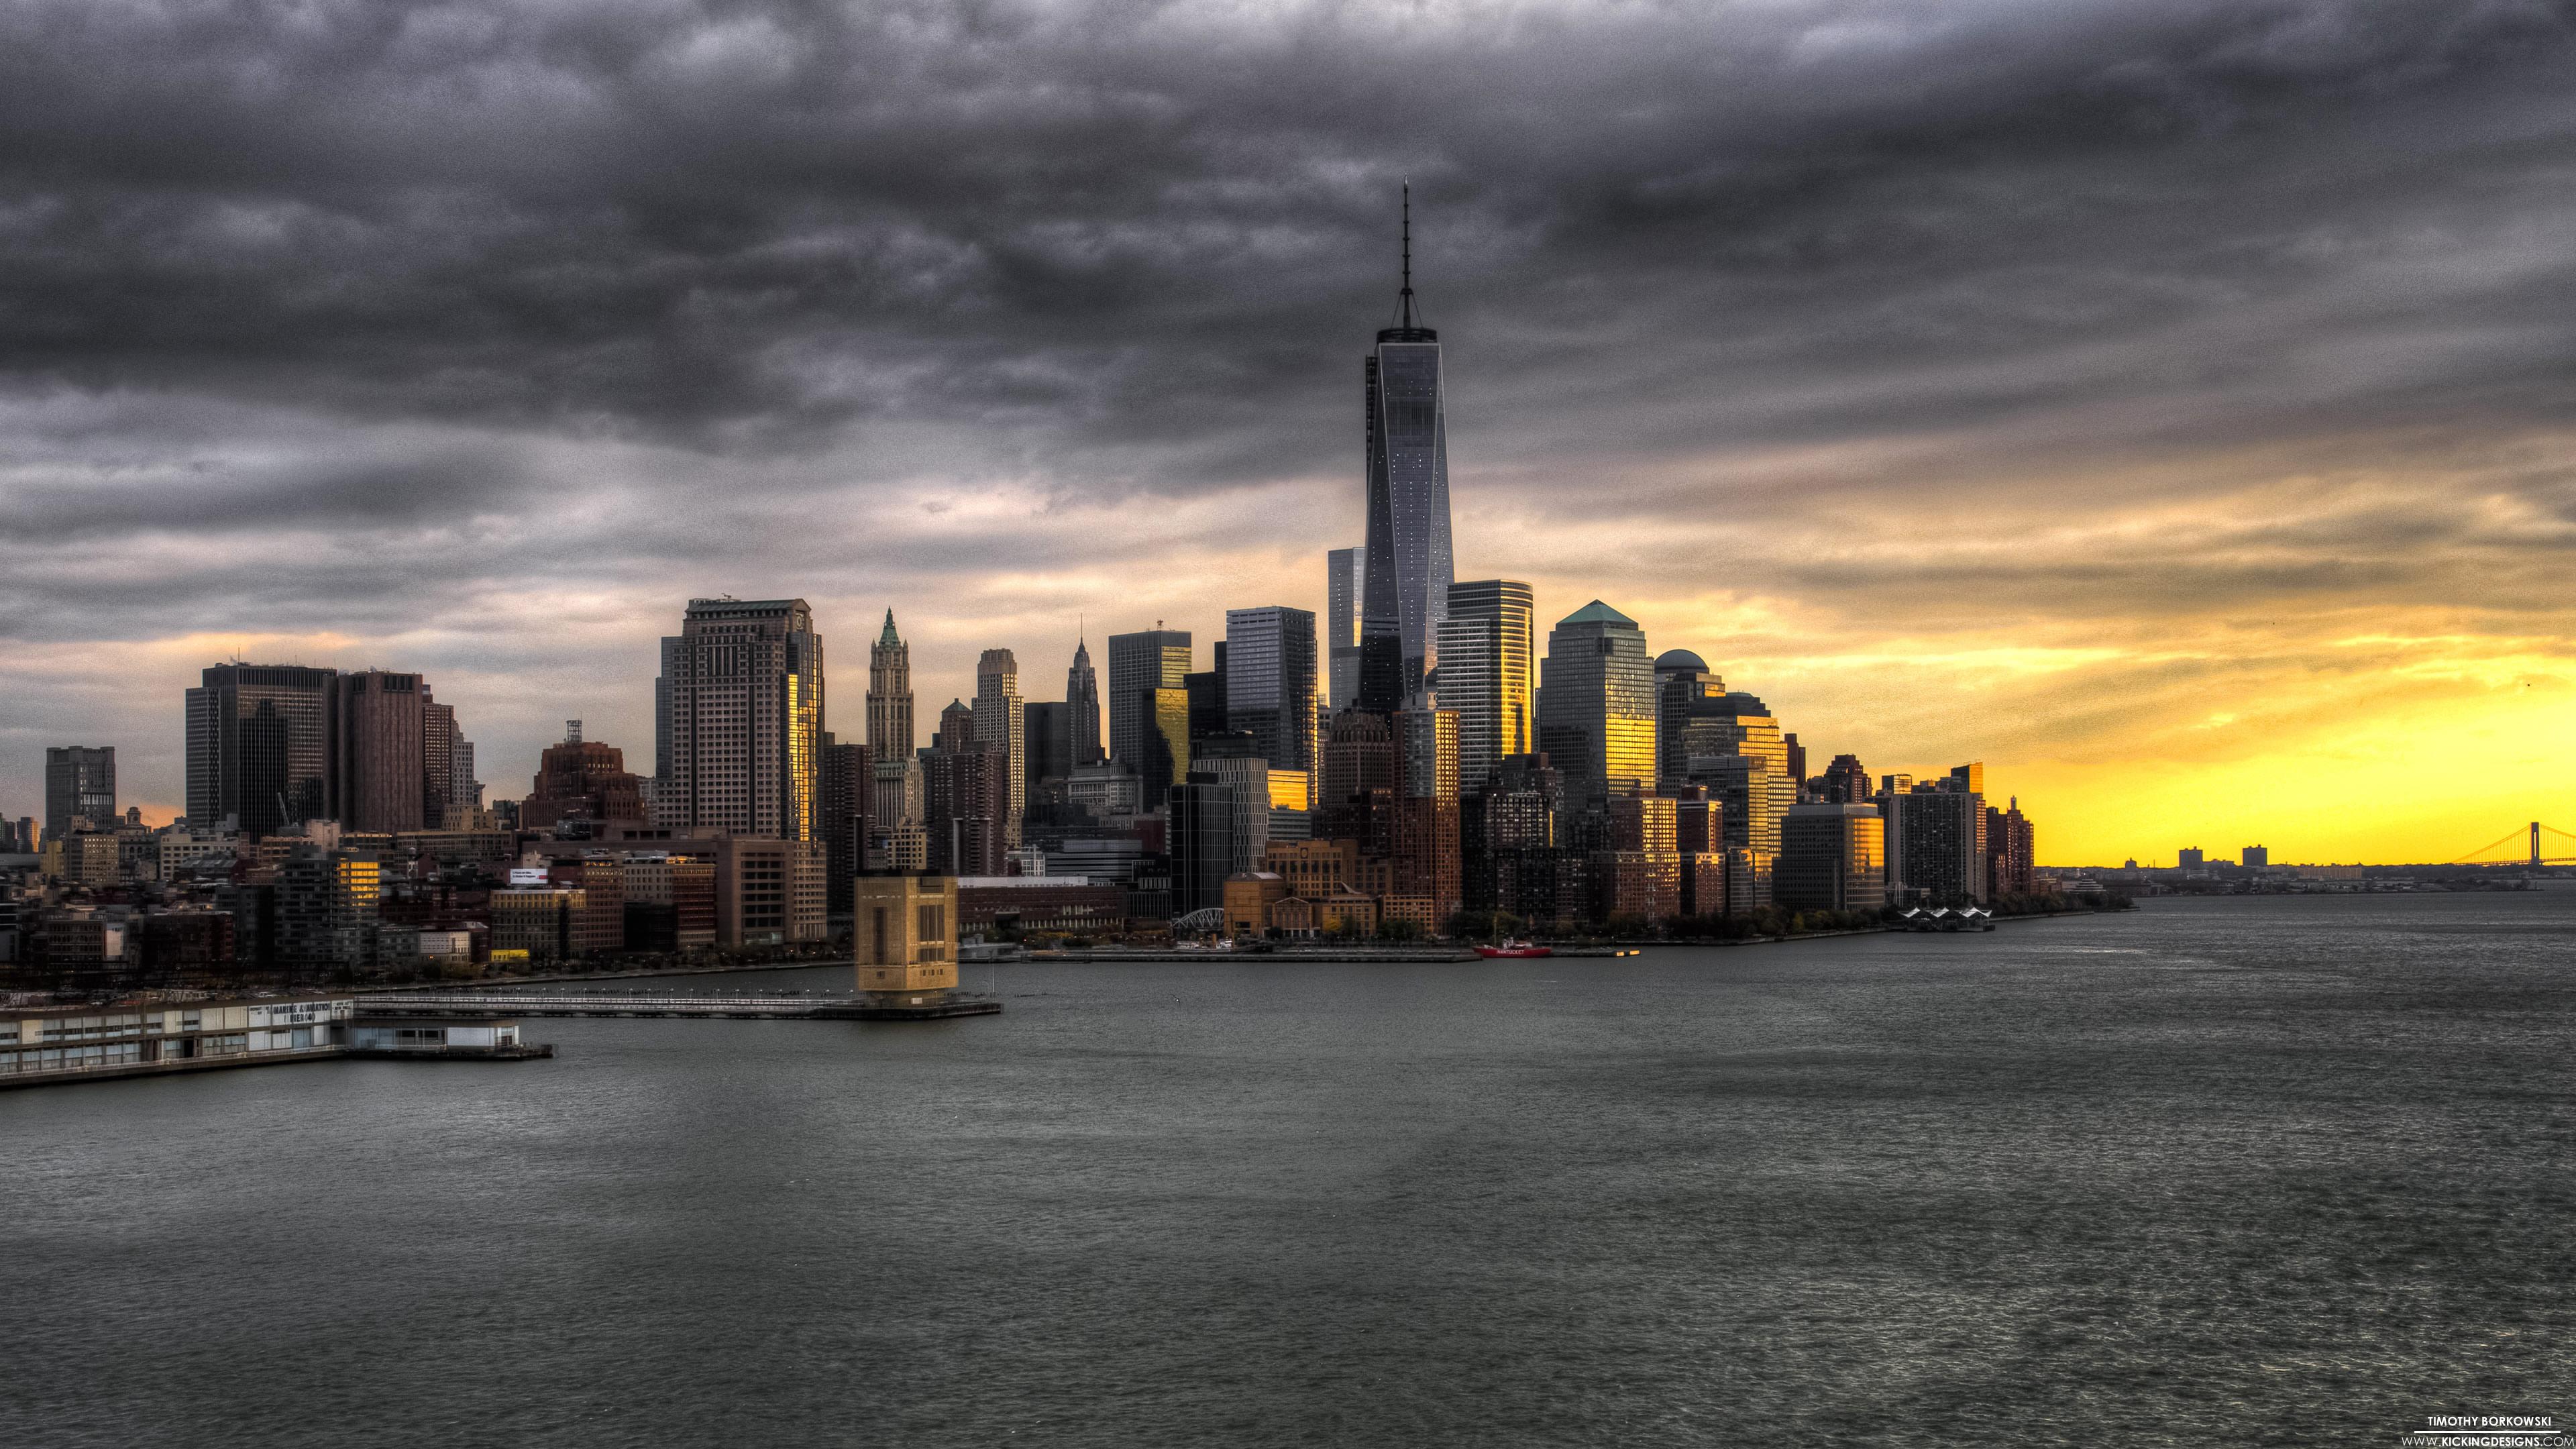 welche stadt ist das ich glaube new york bild skyline city. Black Bedroom Furniture Sets. Home Design Ideas